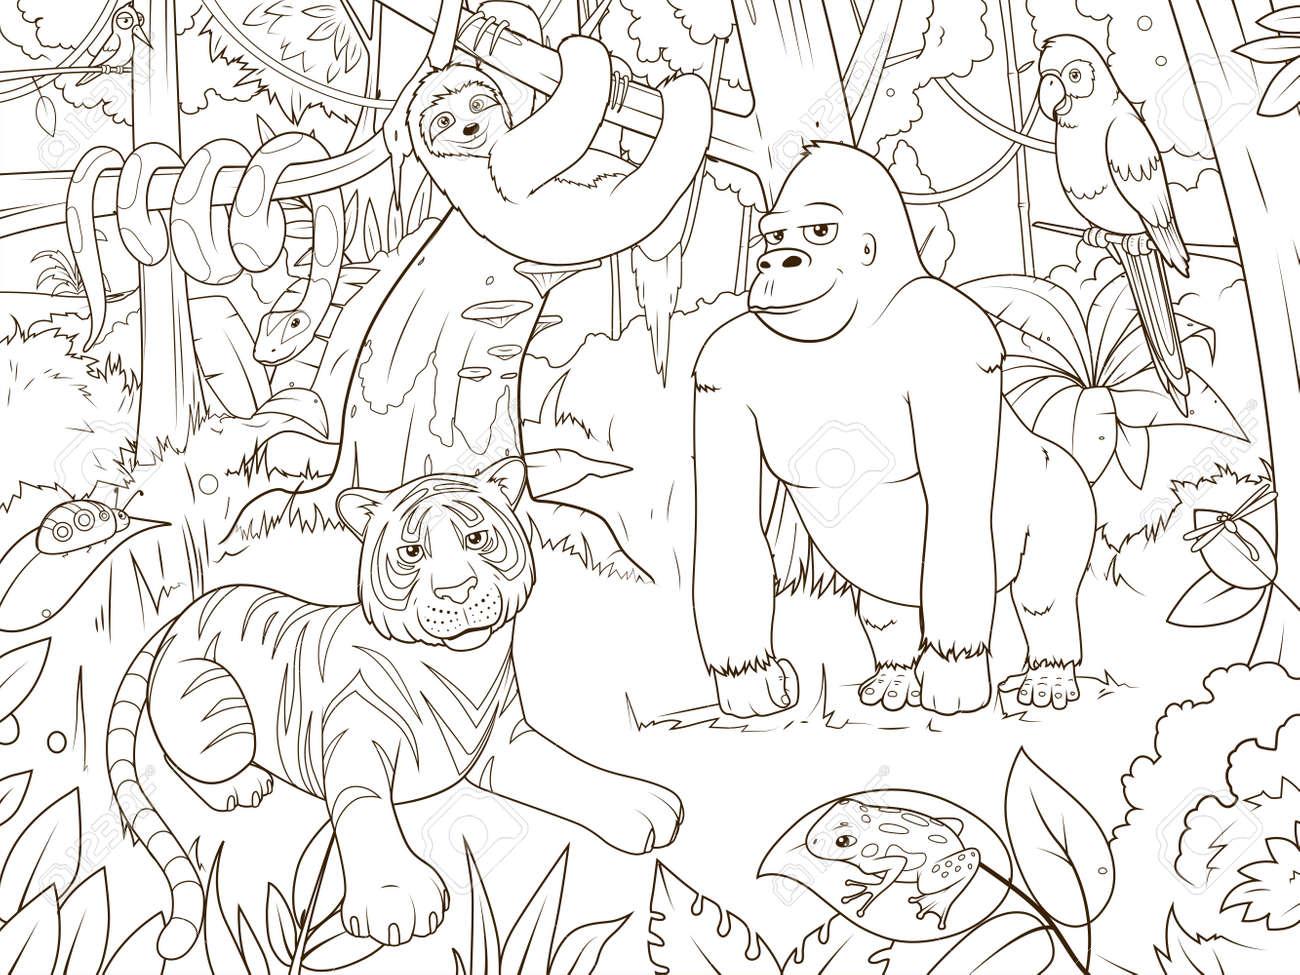 Animales De La Selva Para Colorear De Dibujos Animados Ilustración De Libros De Vectores